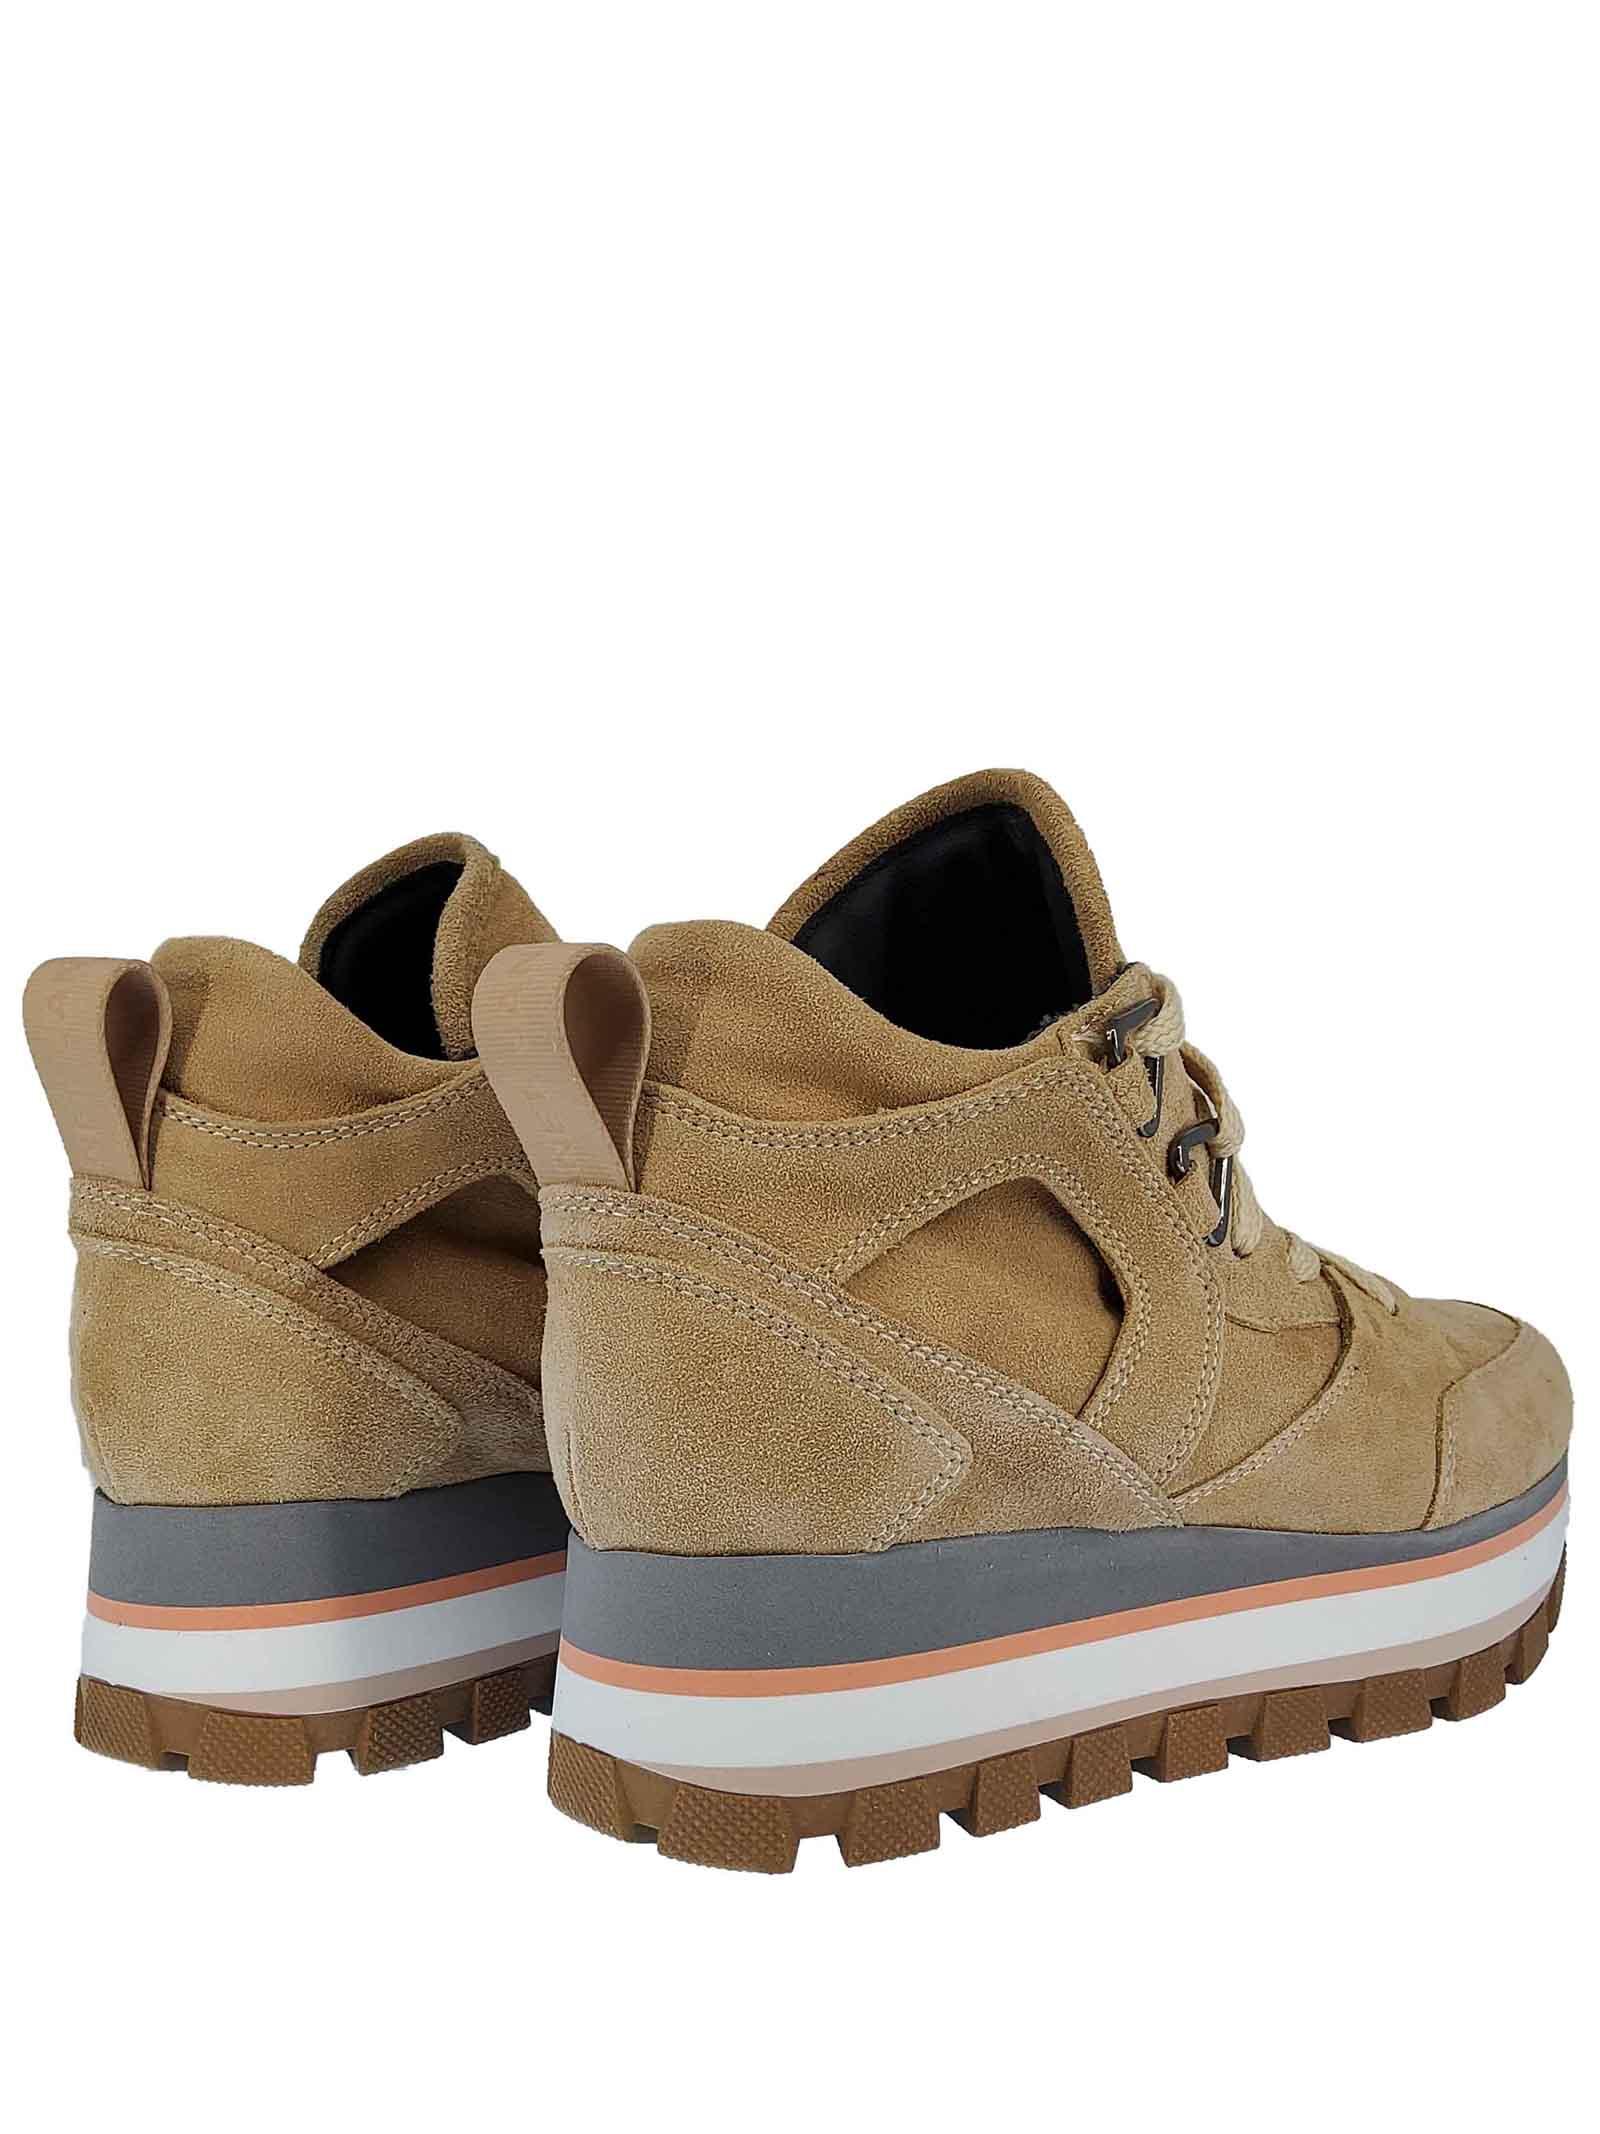 Calzature Donna Sneakers Fleur Margot in Pelle e Camoscio Beige con Fondo in Gomma Carrarmato Janet & Janet | Sneakers | 02052040